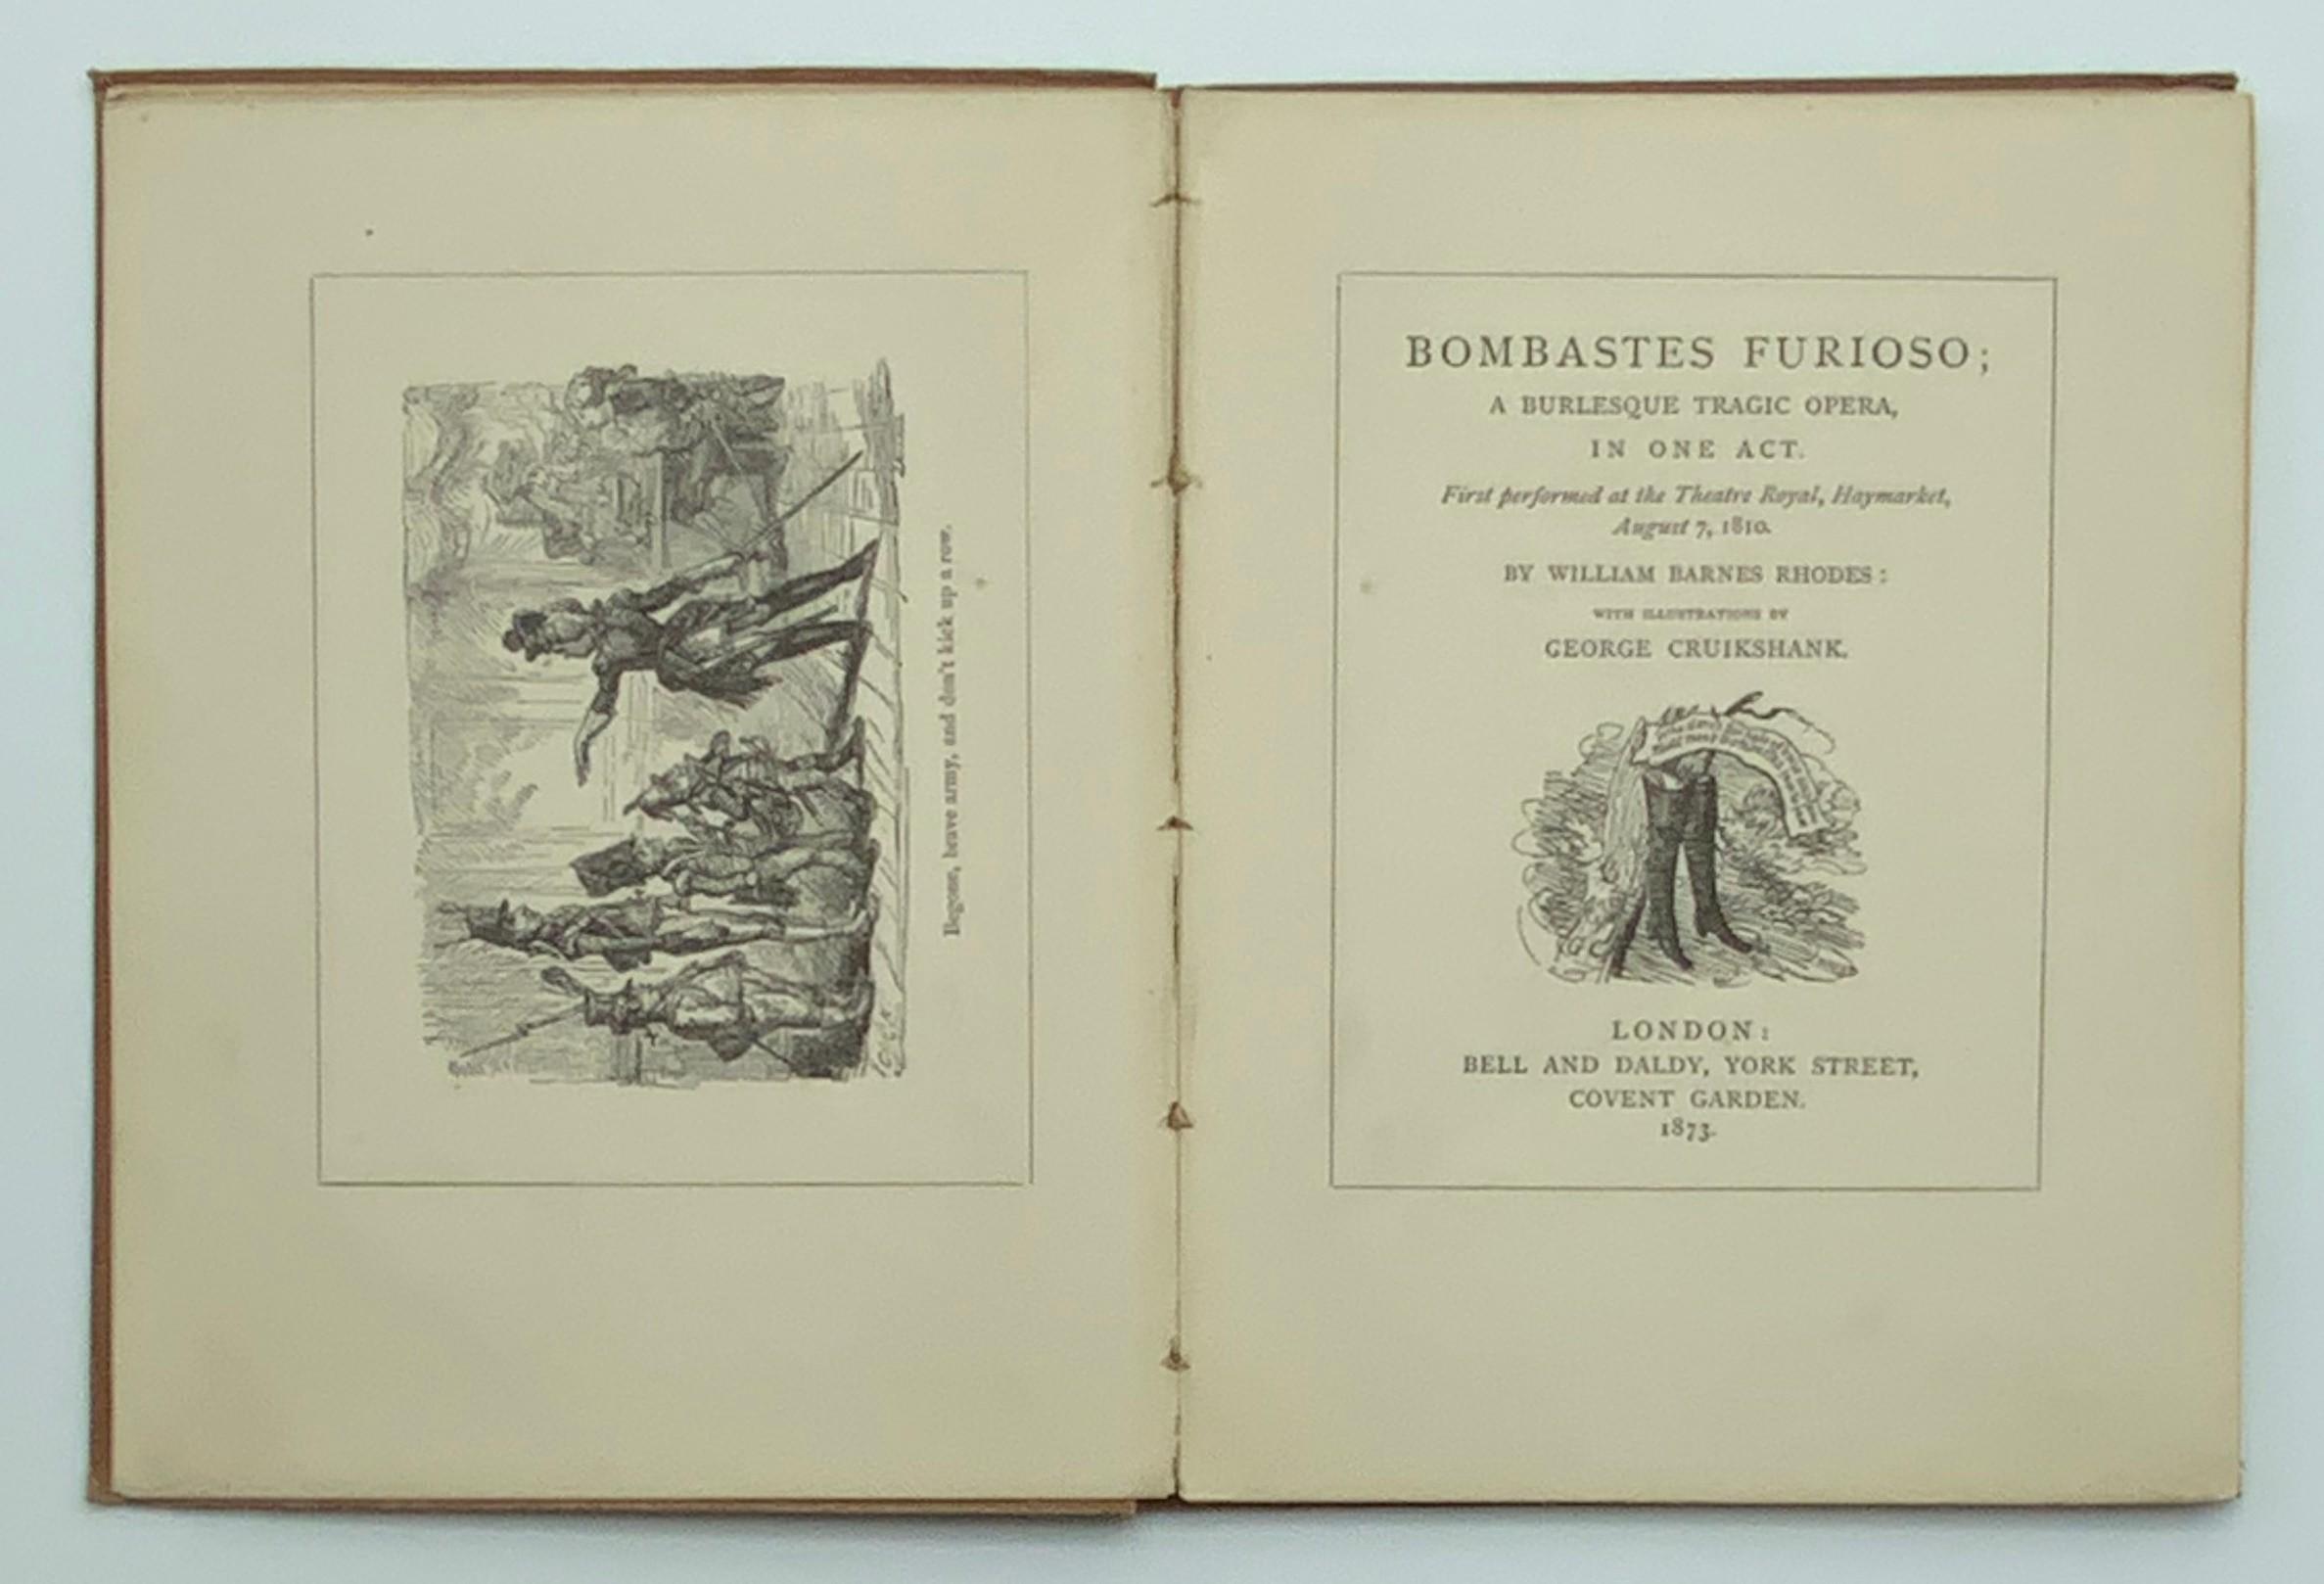 1873 BOMBASTES FURIOSO ILLUSTRATED BY GEORGE CRUIKSHANK - Image 3 of 5